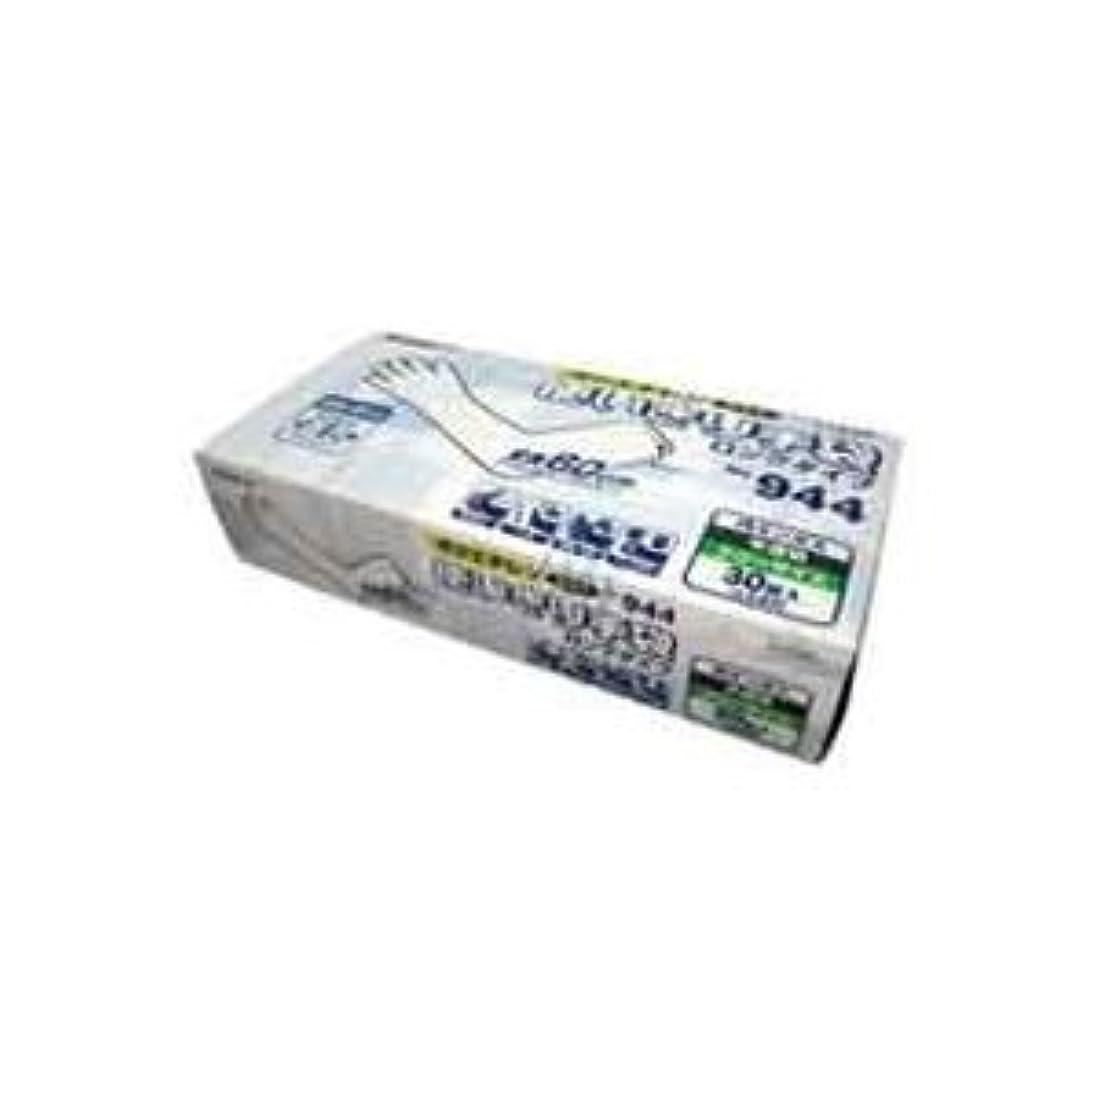 農夫ログスケジュールインテリア 日用雑貨 掃除用品 (業務用3セット)モデルローブNo.944 ポリエチレン 半透明 30枚